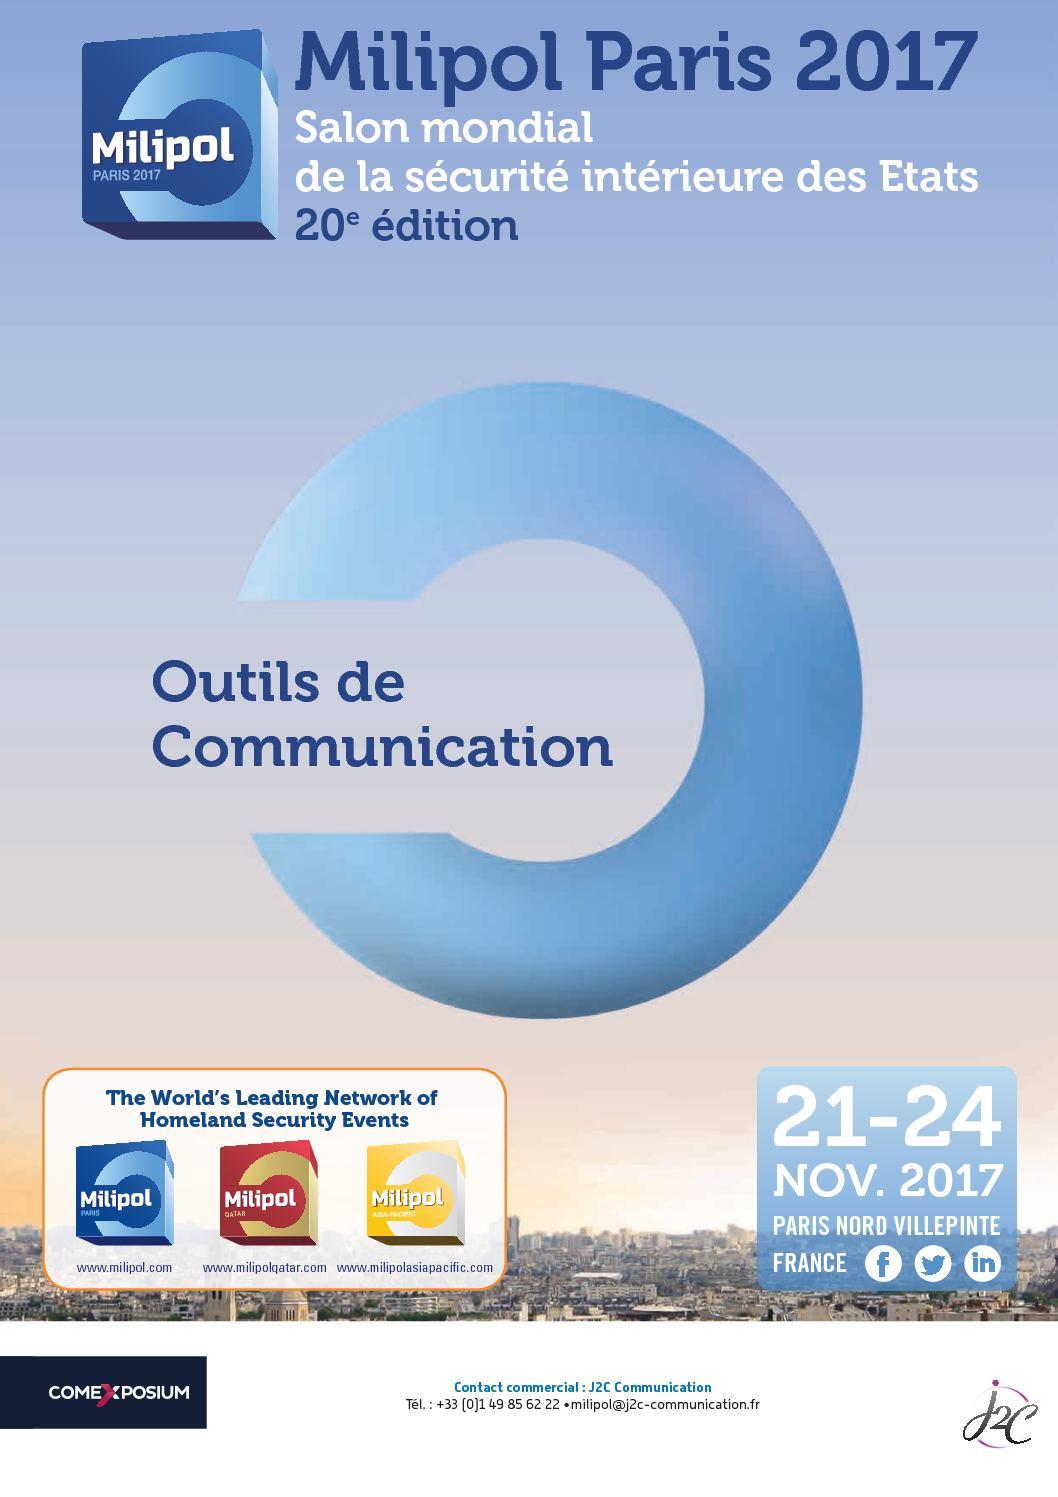 Calam o milipol paris 2017 outils de communication fr for Salon milipol 2017